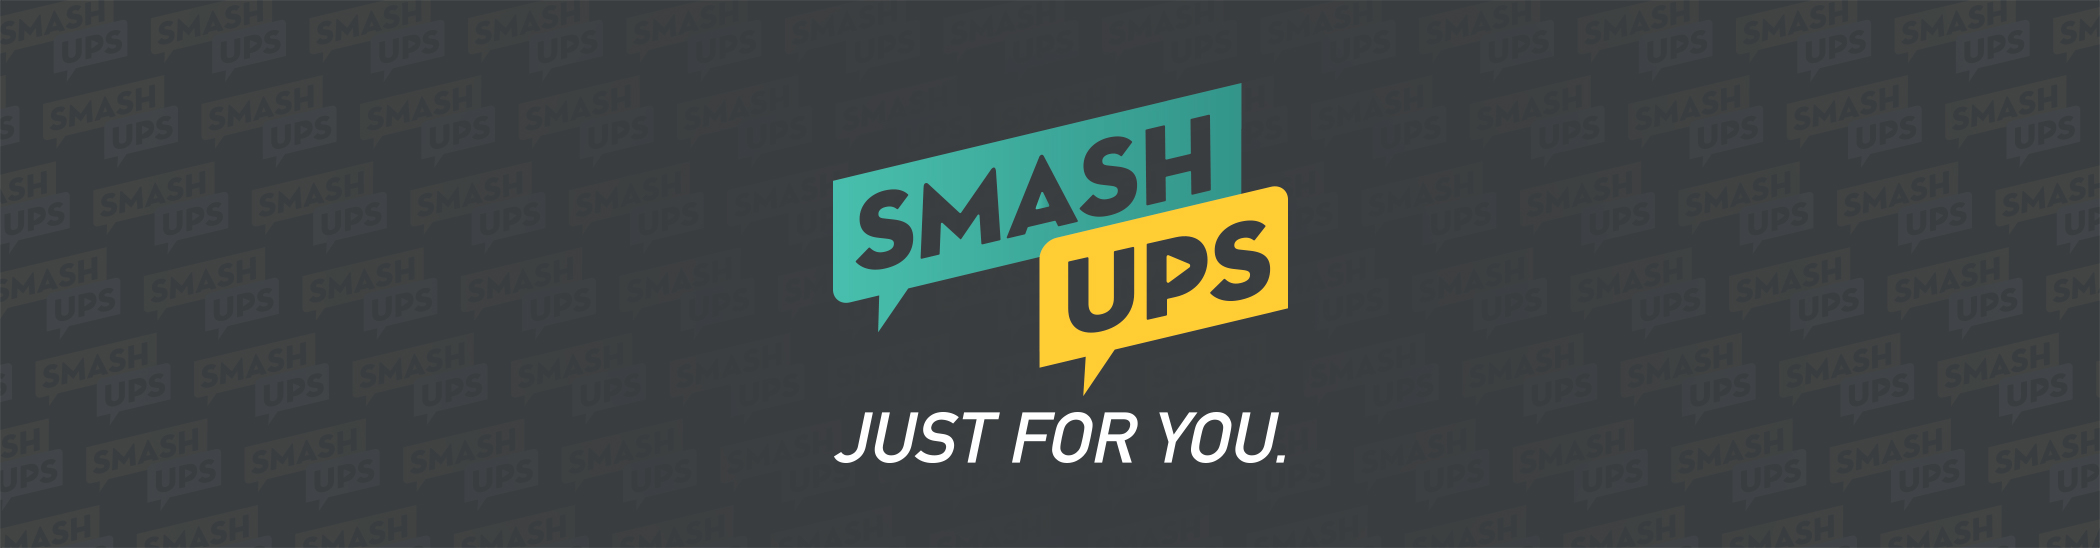 SmashUps Banner